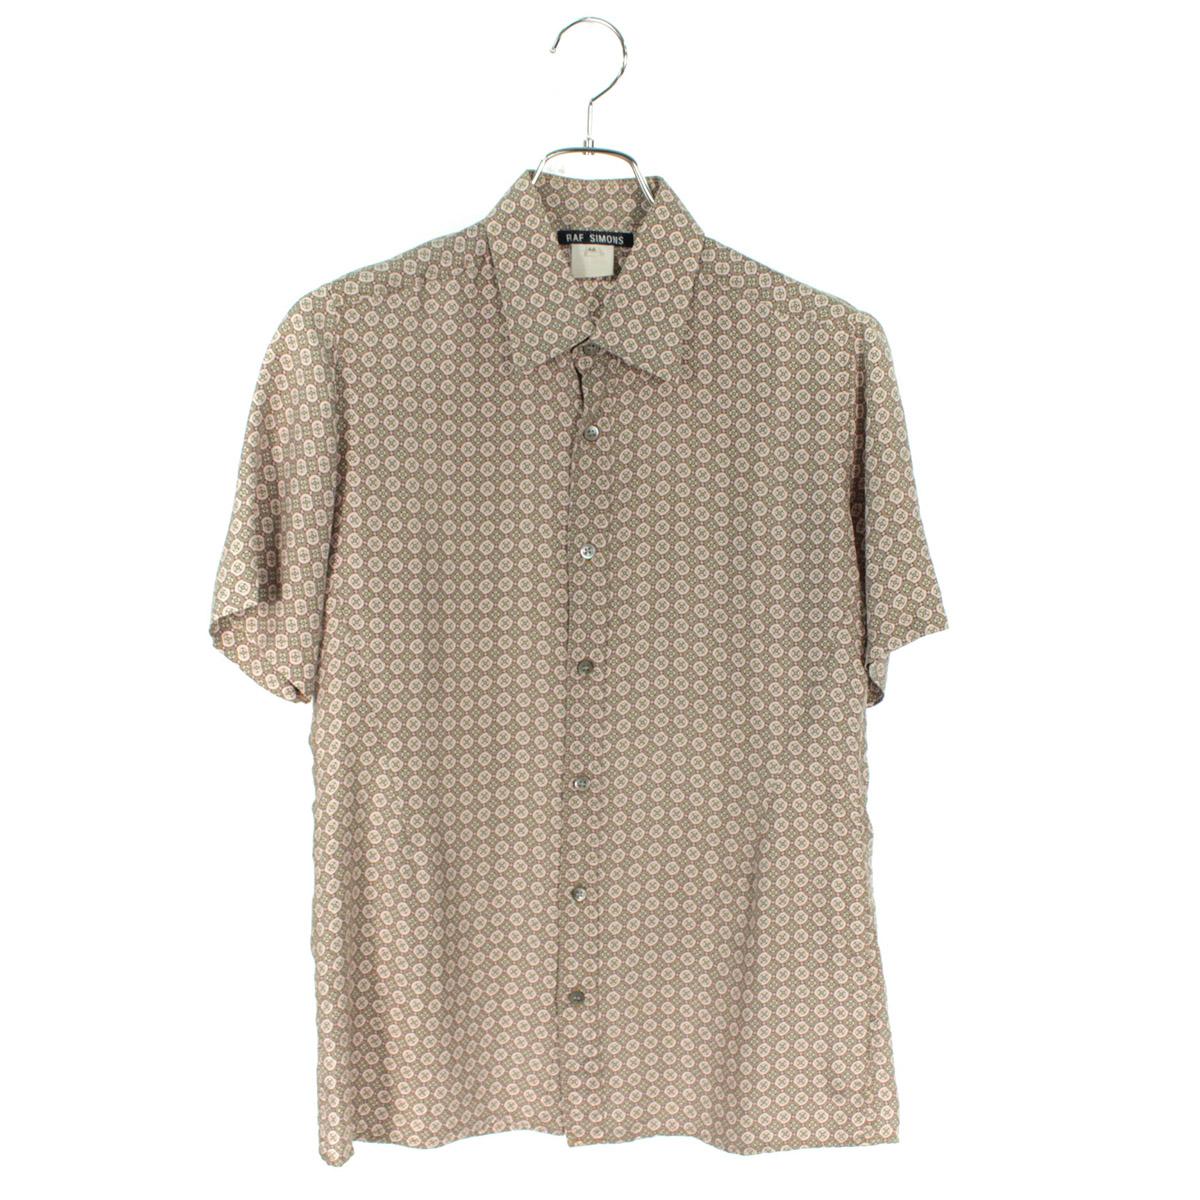 半袖/袖なしシャツ